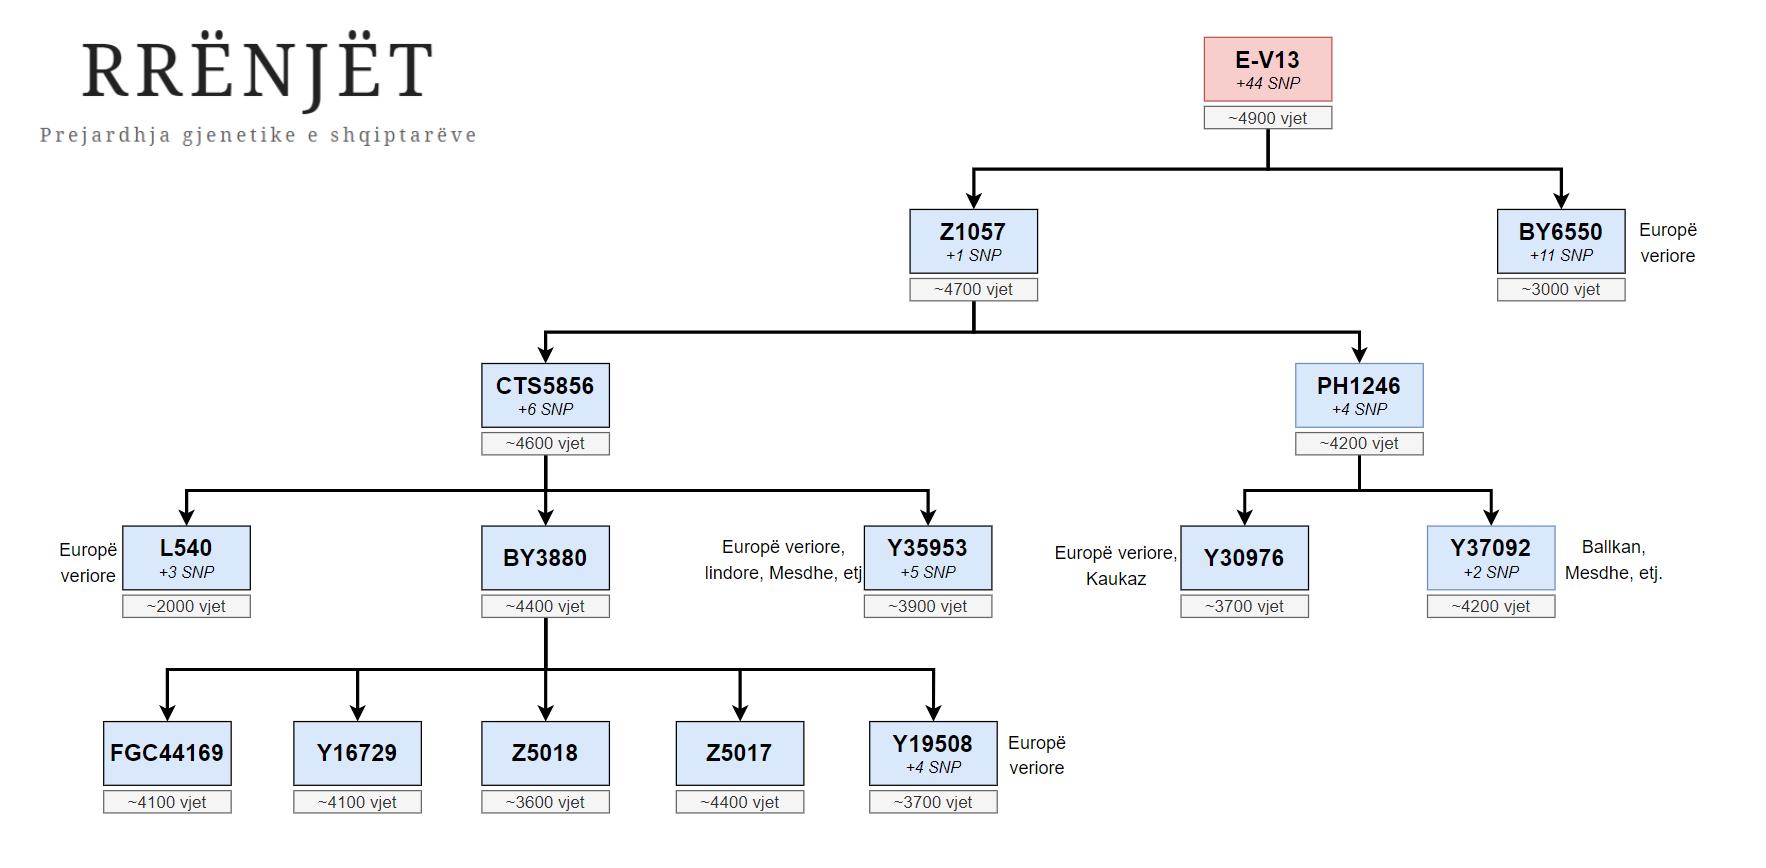 E-V13 dhe degëzimet kryesore